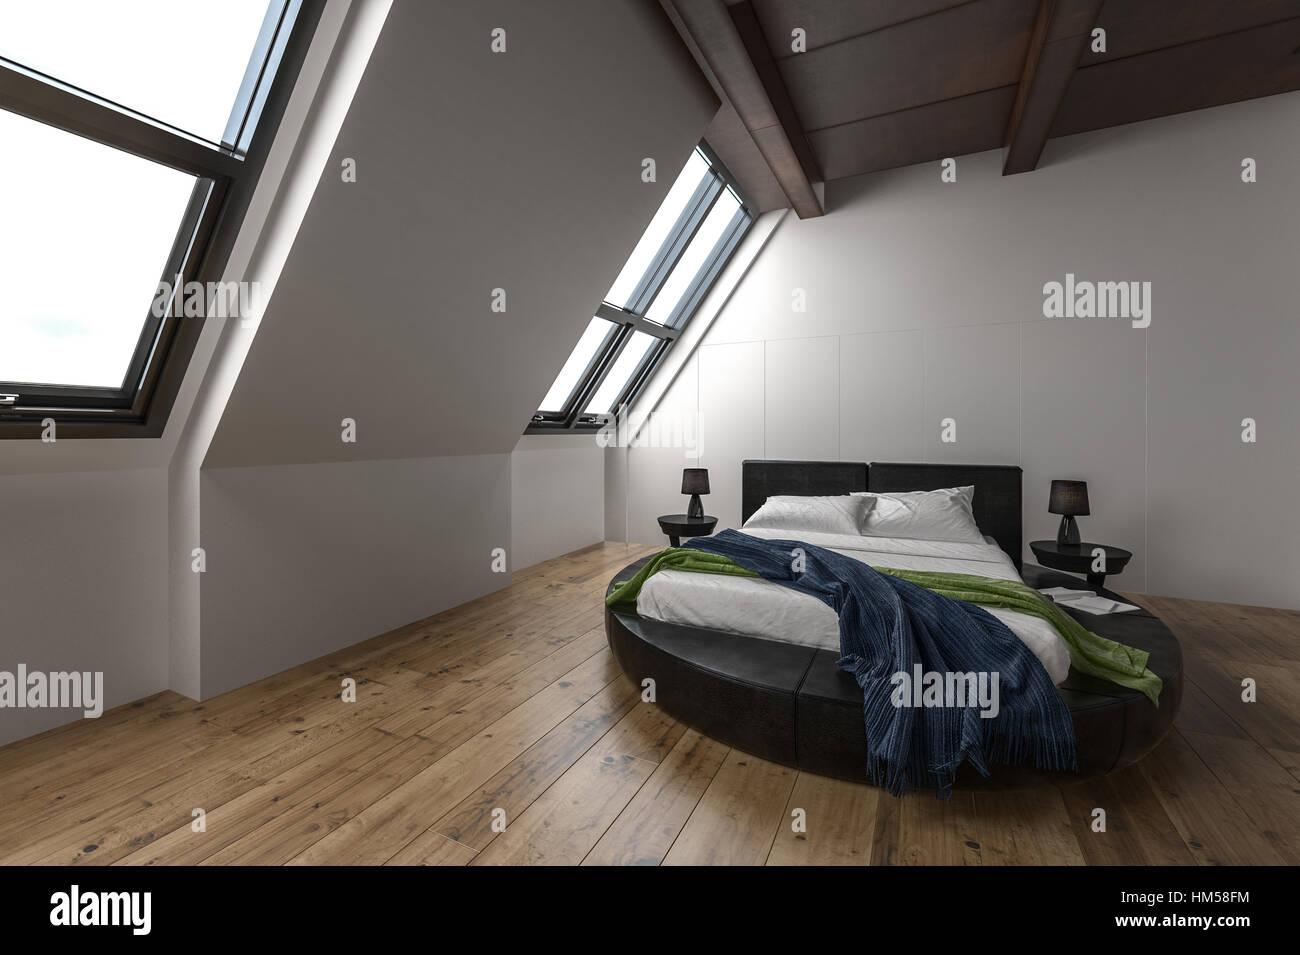 cet appartement mansardé moderne avec windows de l'incliné et rare